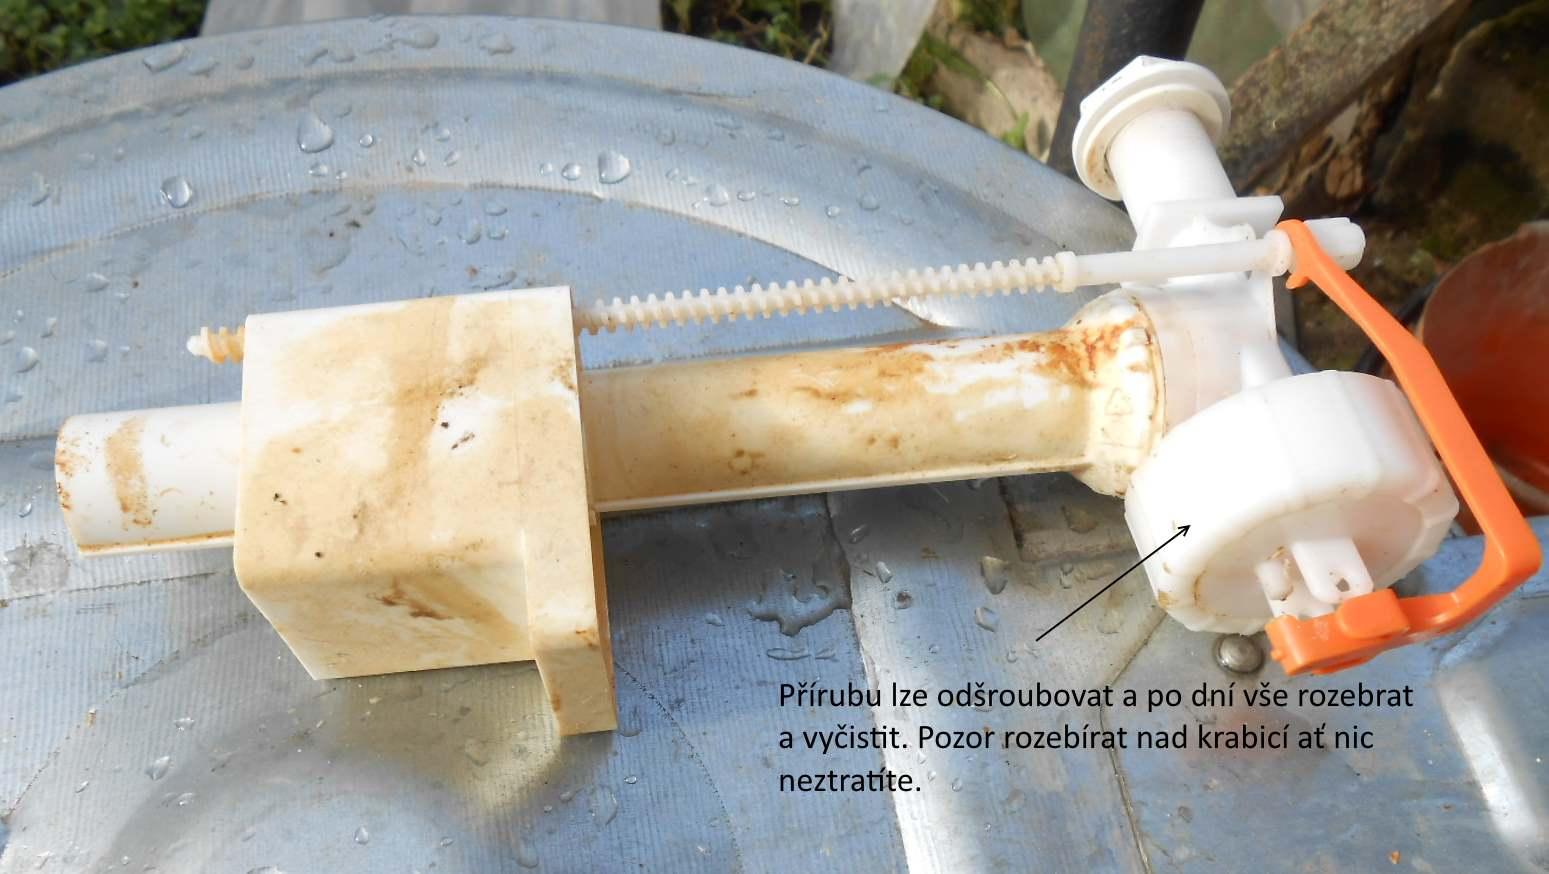 plovakovy-ventil-wc-oprava-udrzba.jpg